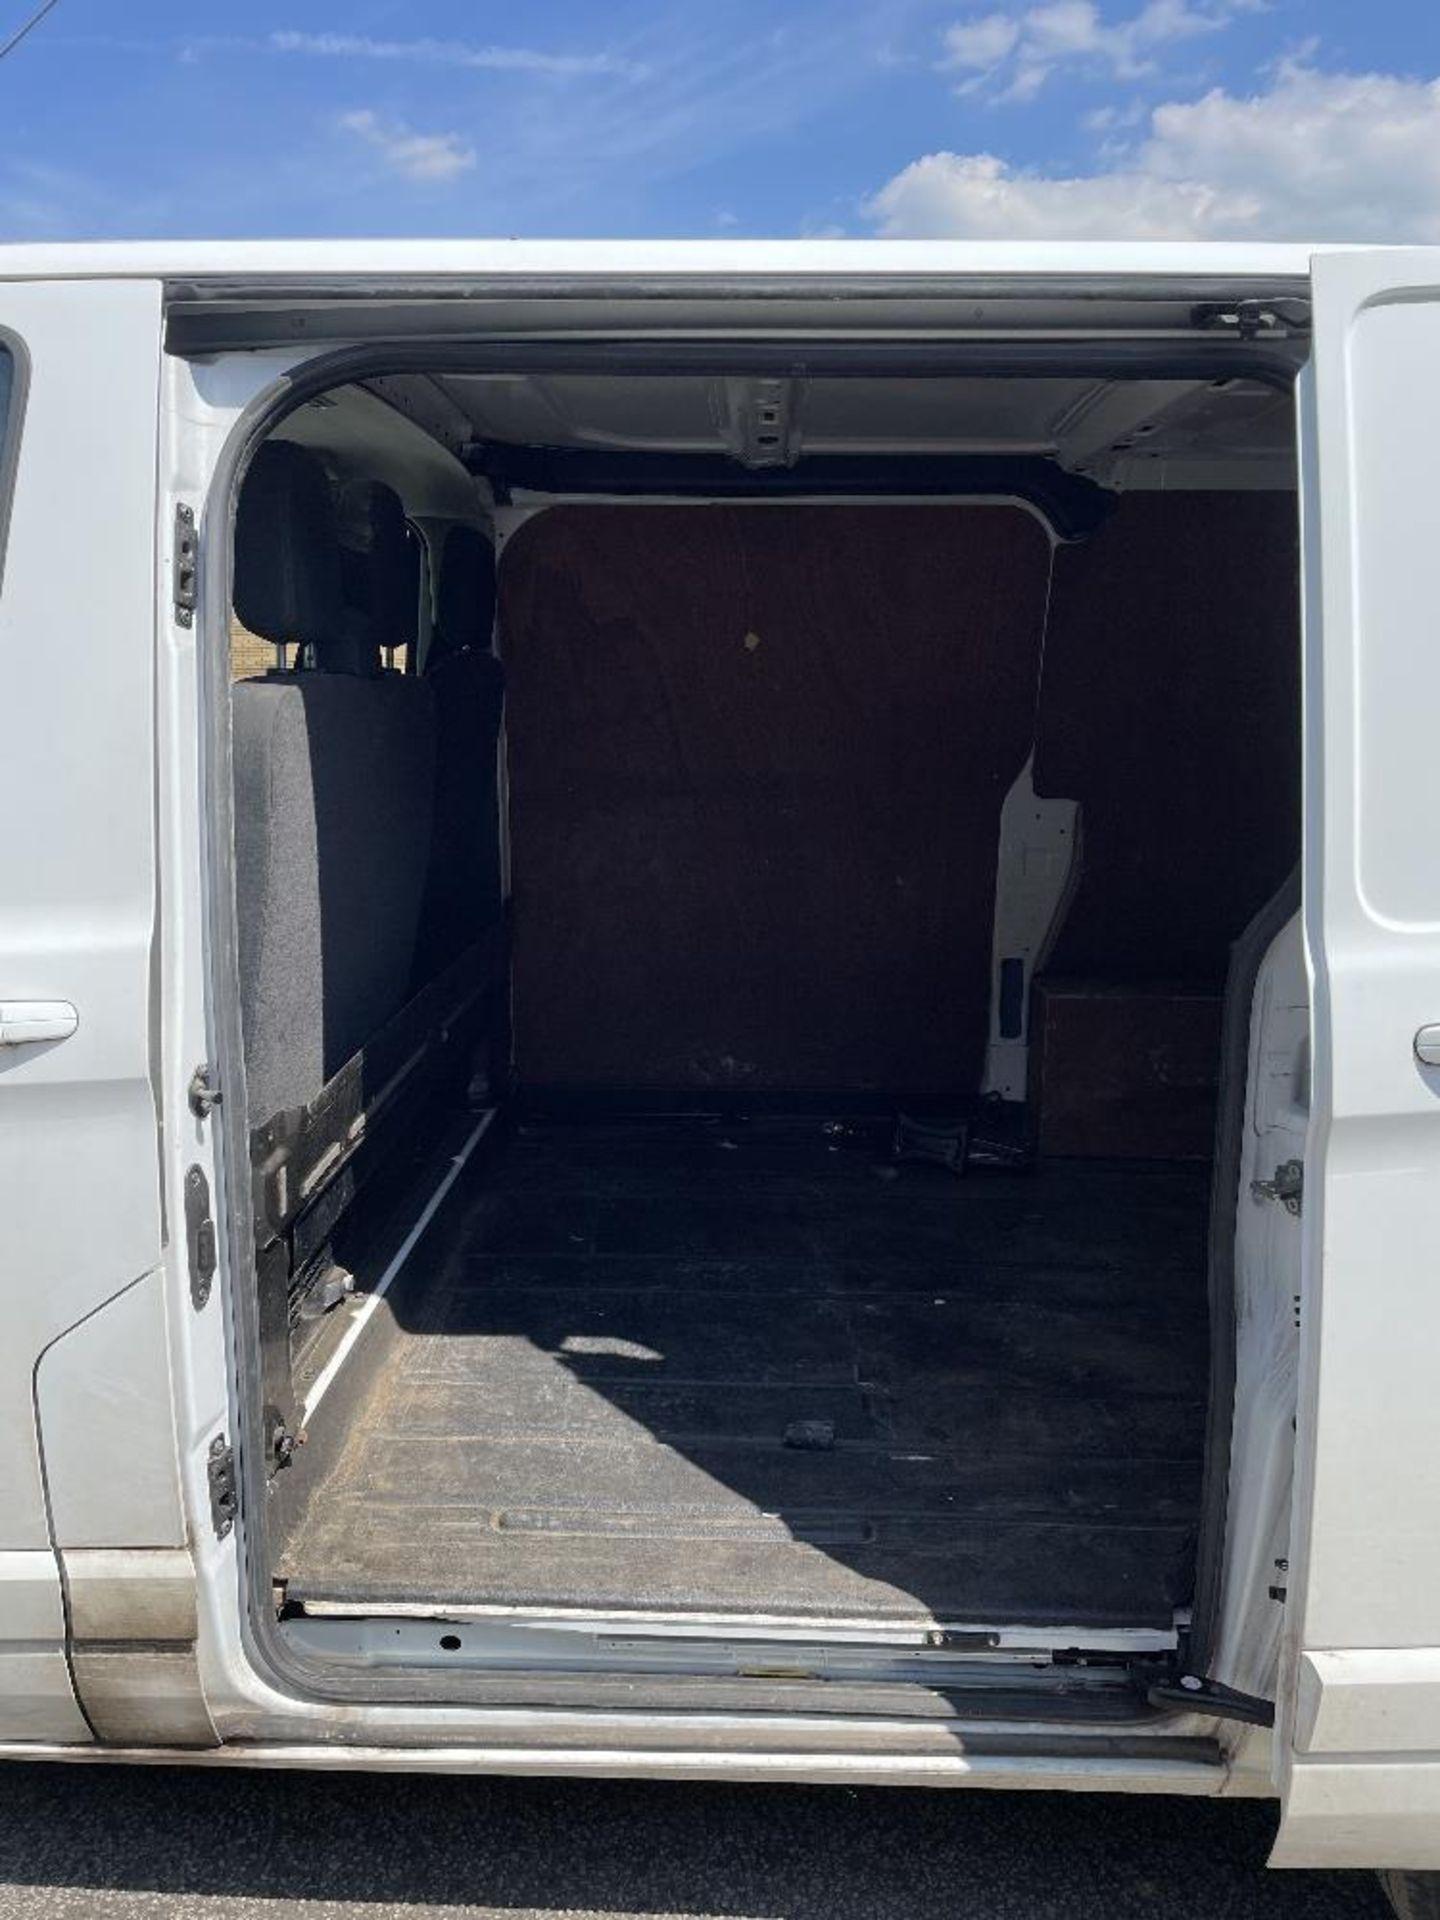 Ford Transit Custom 300 Limite Diesel Panel Van | 18 Plate | 35,672 Miles - Image 9 of 15